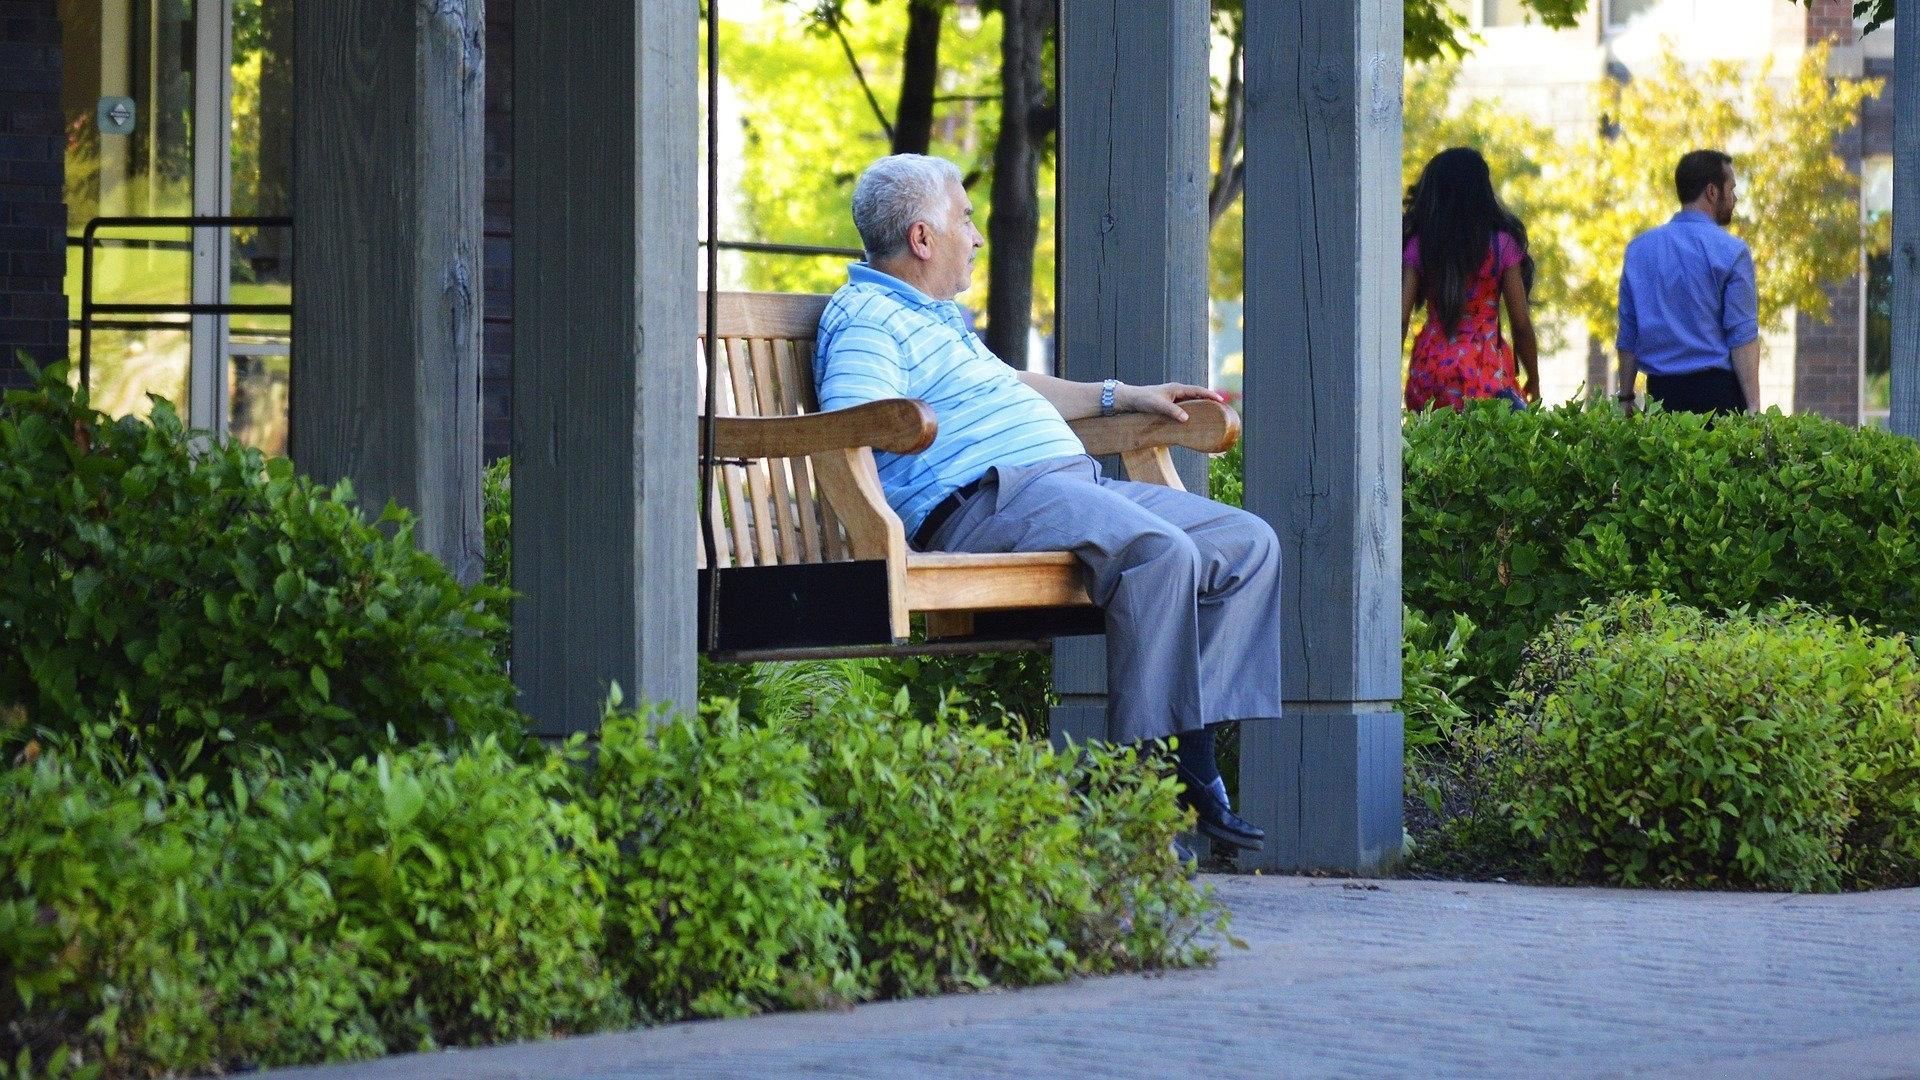 Сложности с одеванием и покупками в среднем возрасте грозят тяжелыми последствиями в старости